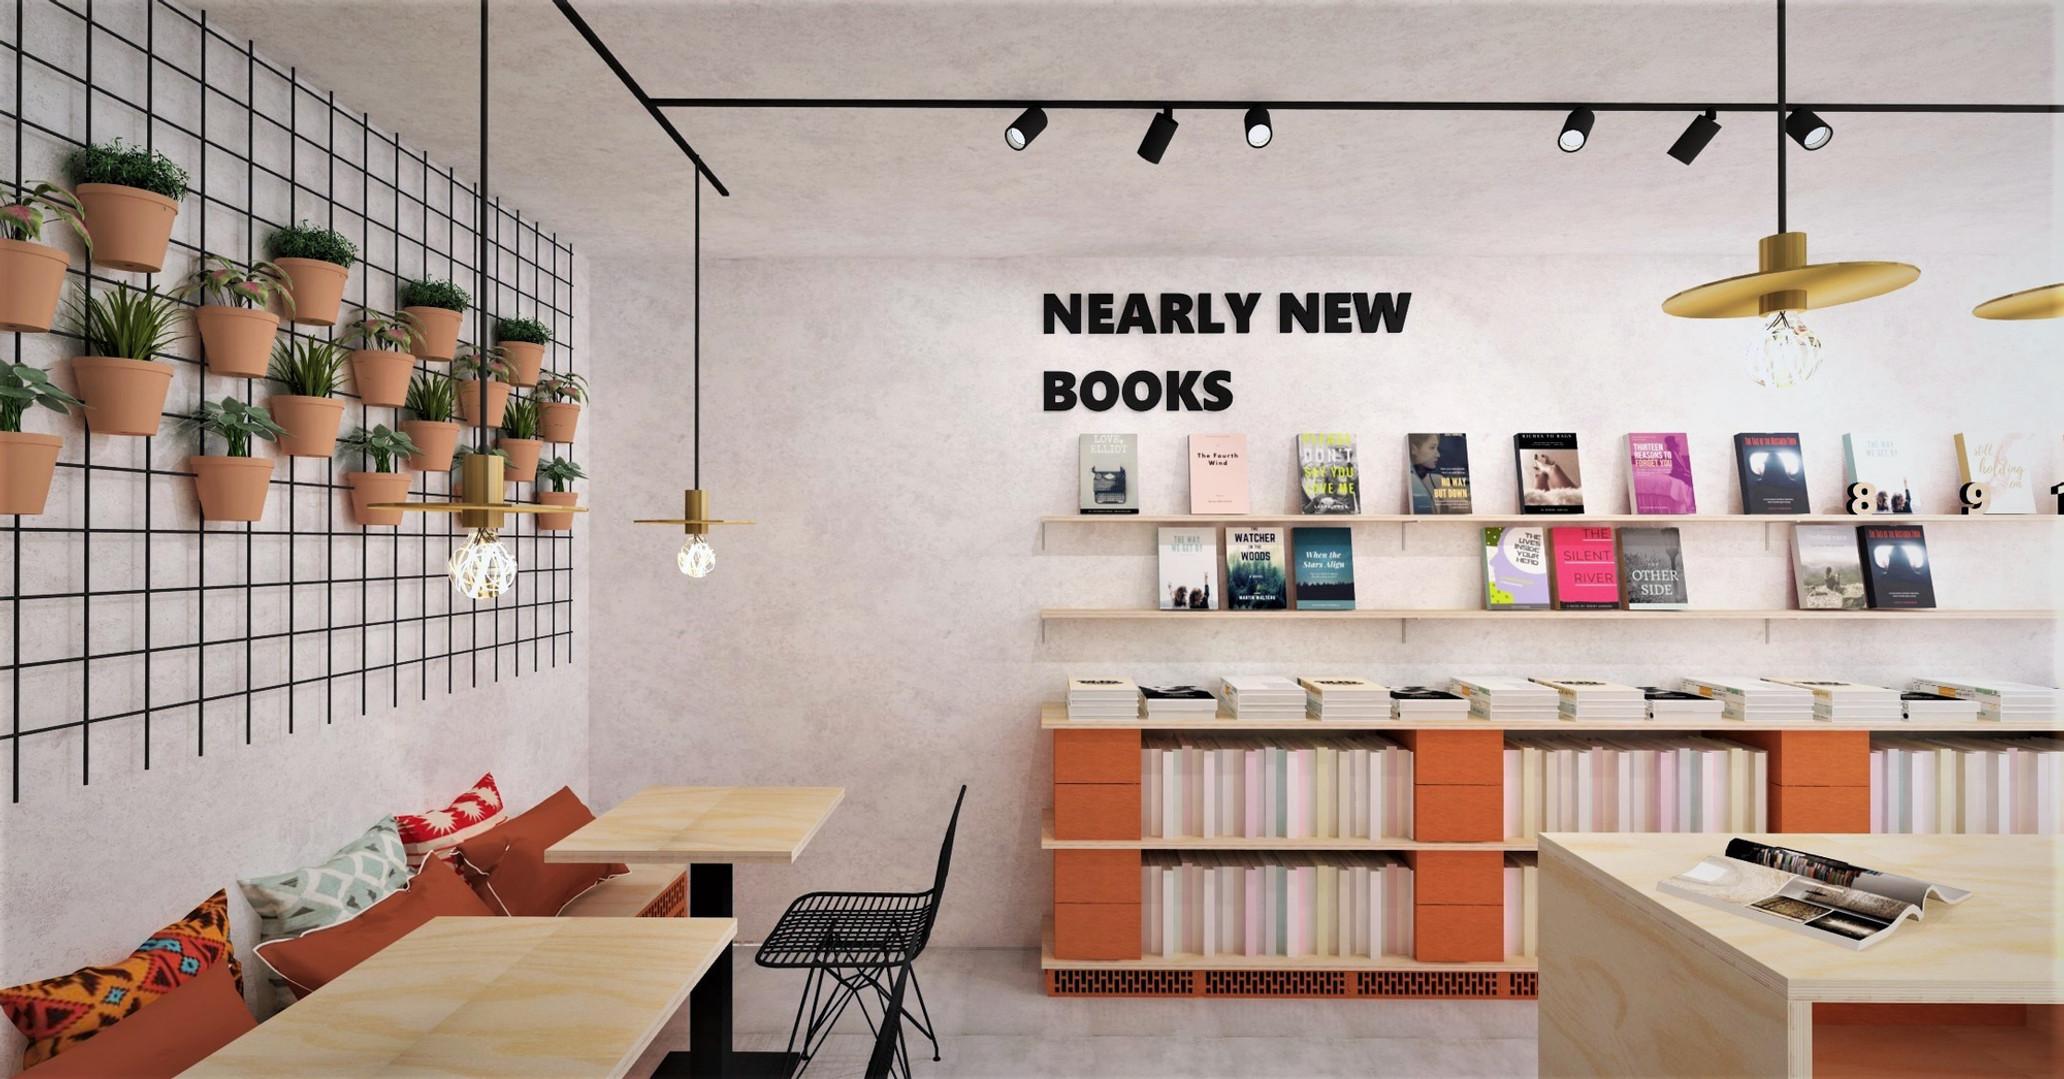 circulair-concept-boekenwinkel.jpg